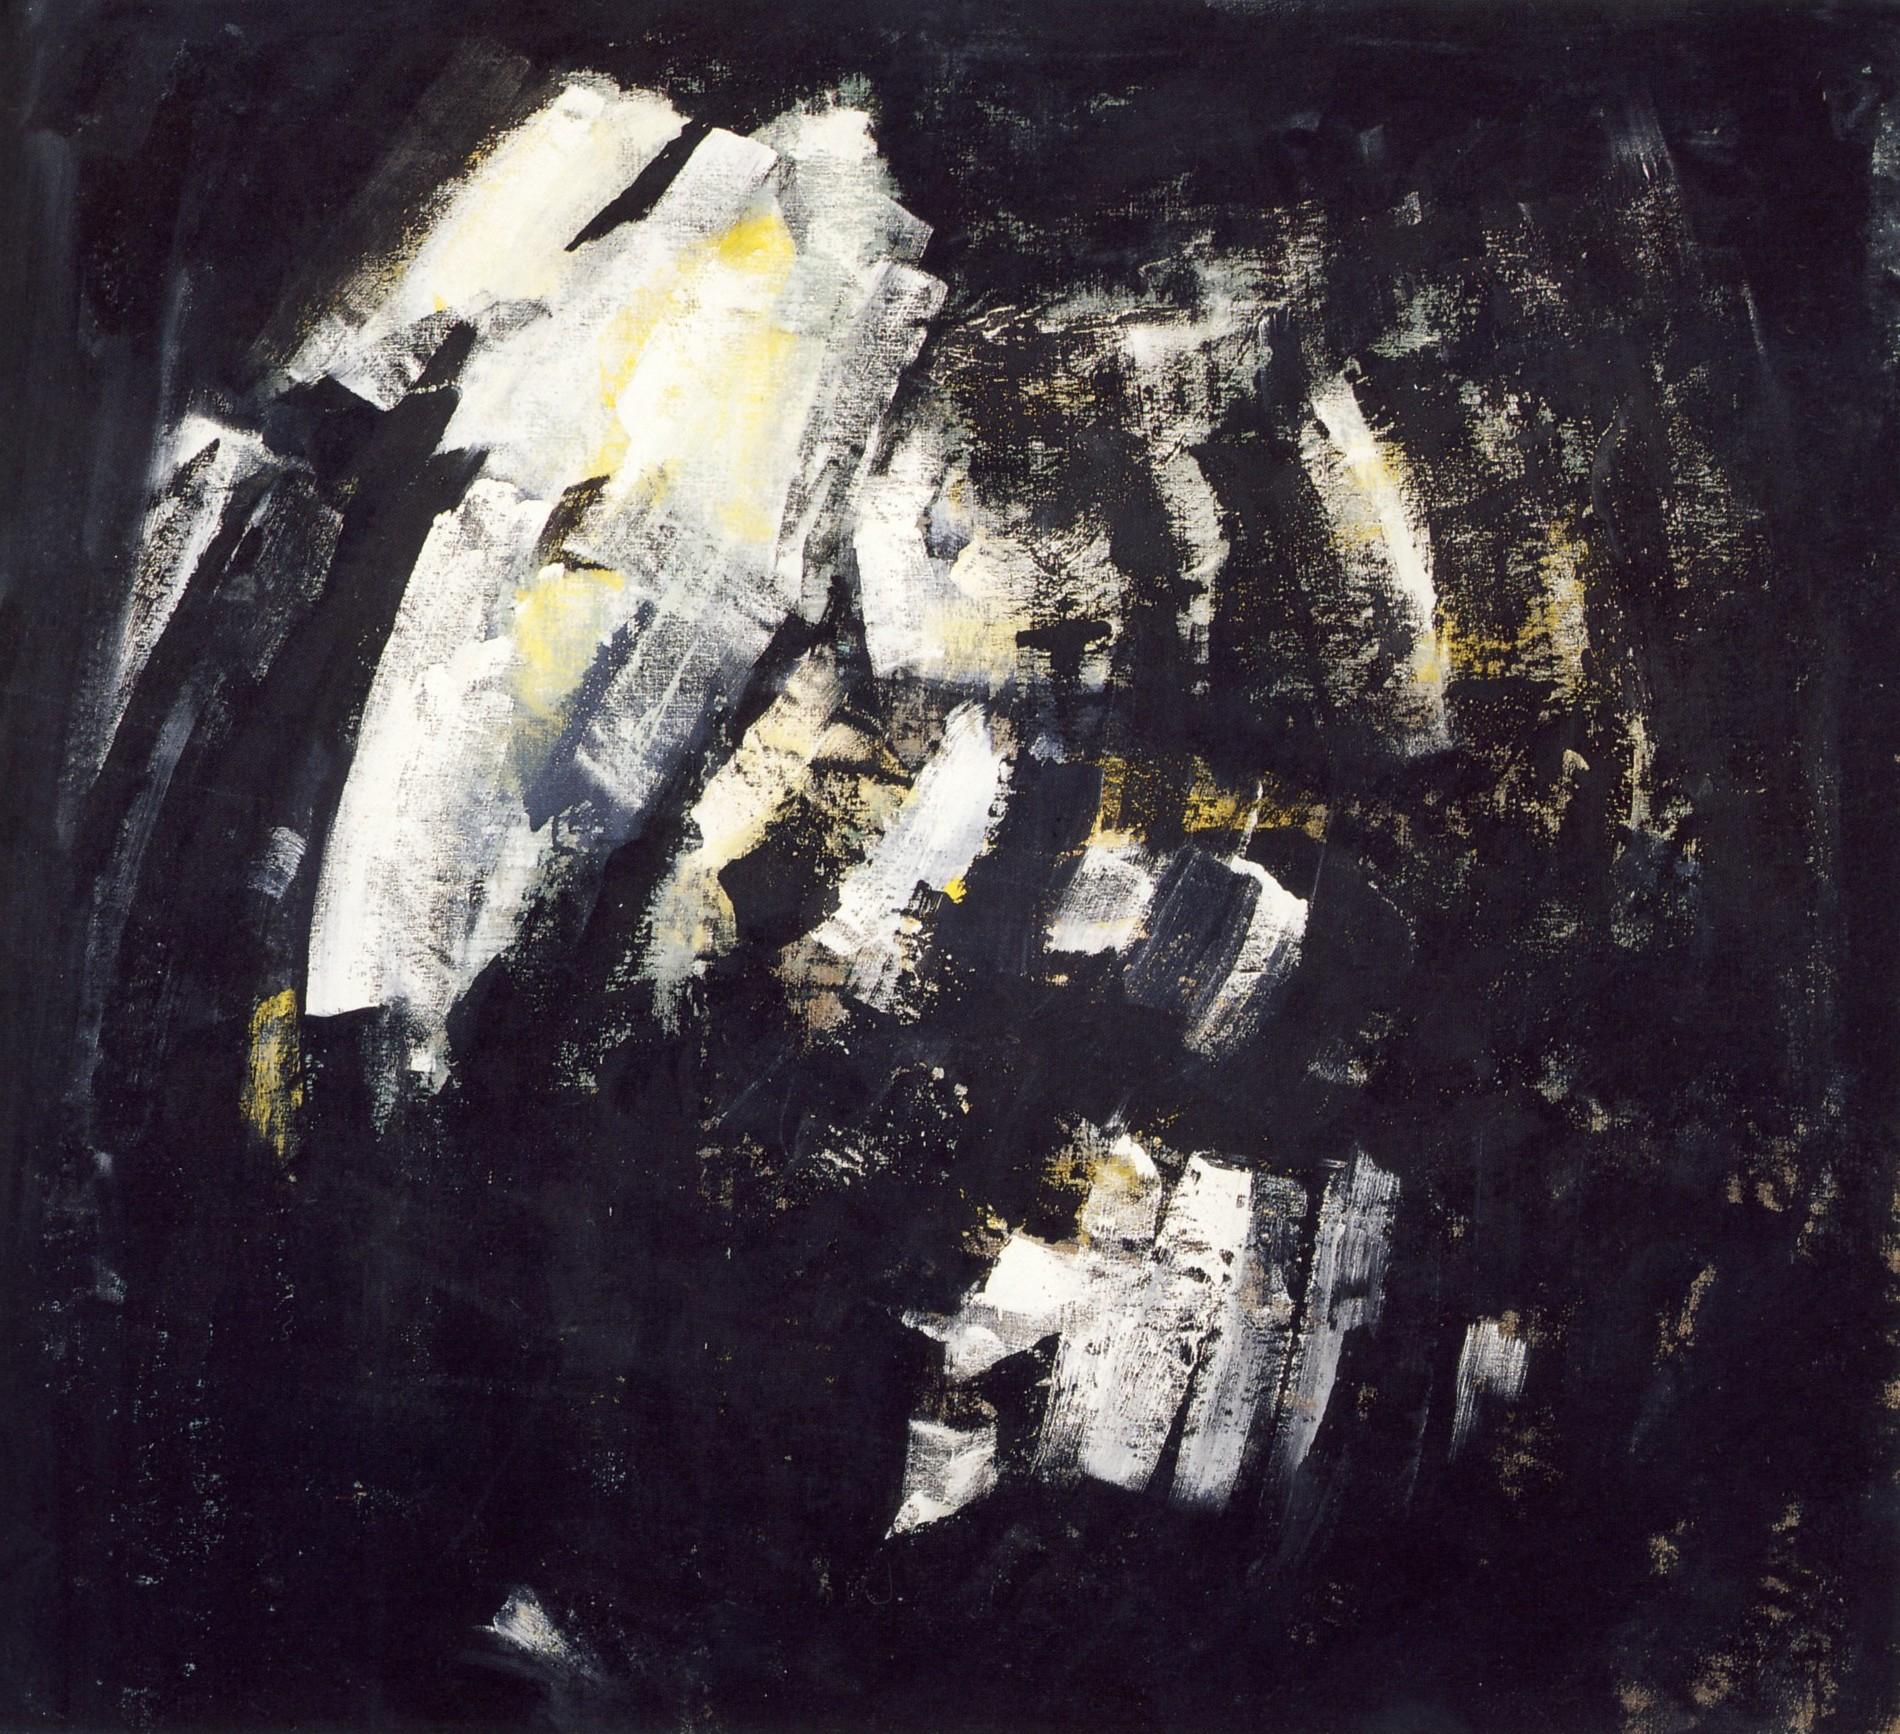 """senza titolo, dalla serie """"Ipotesi d'attesa"""", 1991, tempera acrilica su tela, cm 180 x 198  untitled, from the series """"Ipotesi d'attesa"""", 1991, acrylic tempera on canvas,cm 180 x 198"""